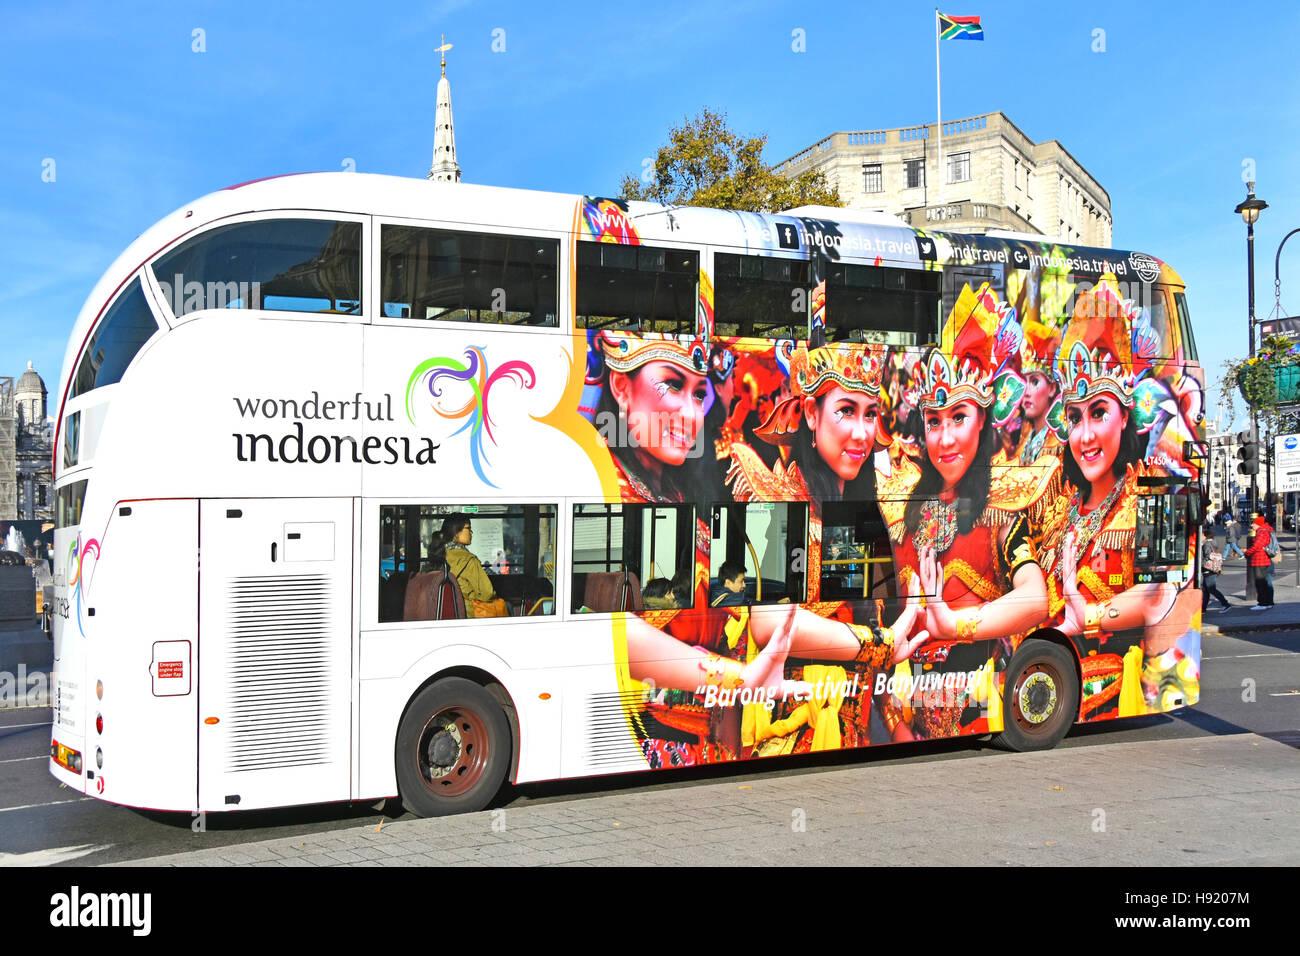 Londres double decker bus Turismo de Indonesia diseño gráfico Publicidad & Promoción Barong Festival Imagen De Stock